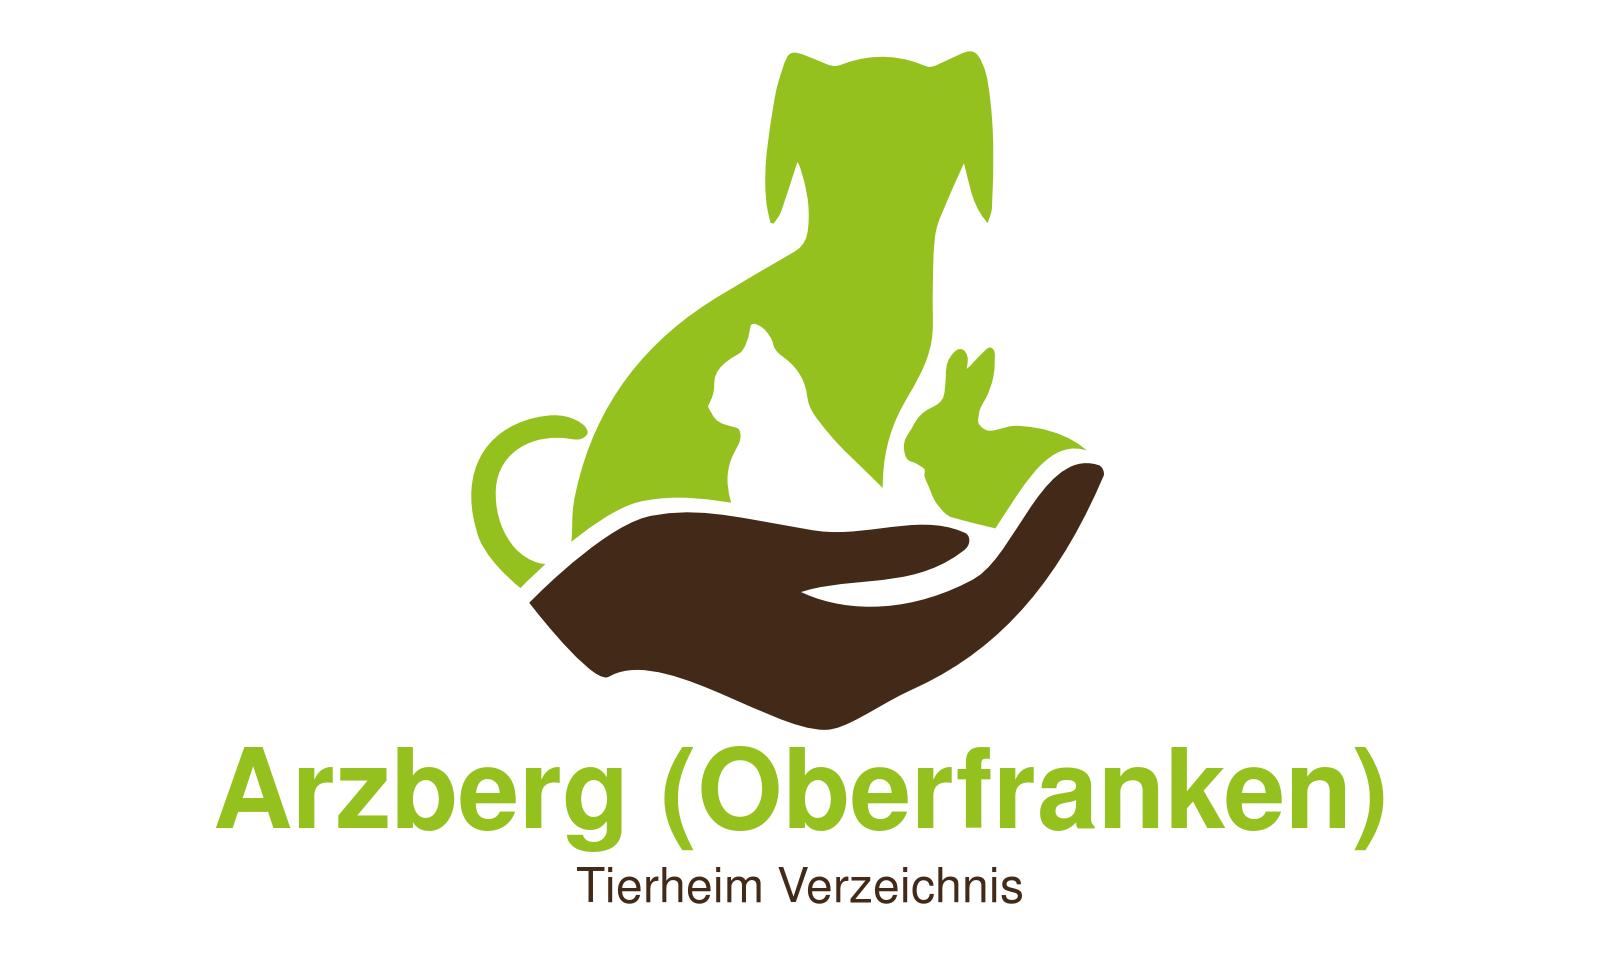 Tierheim Arzberg (Oberfranken)